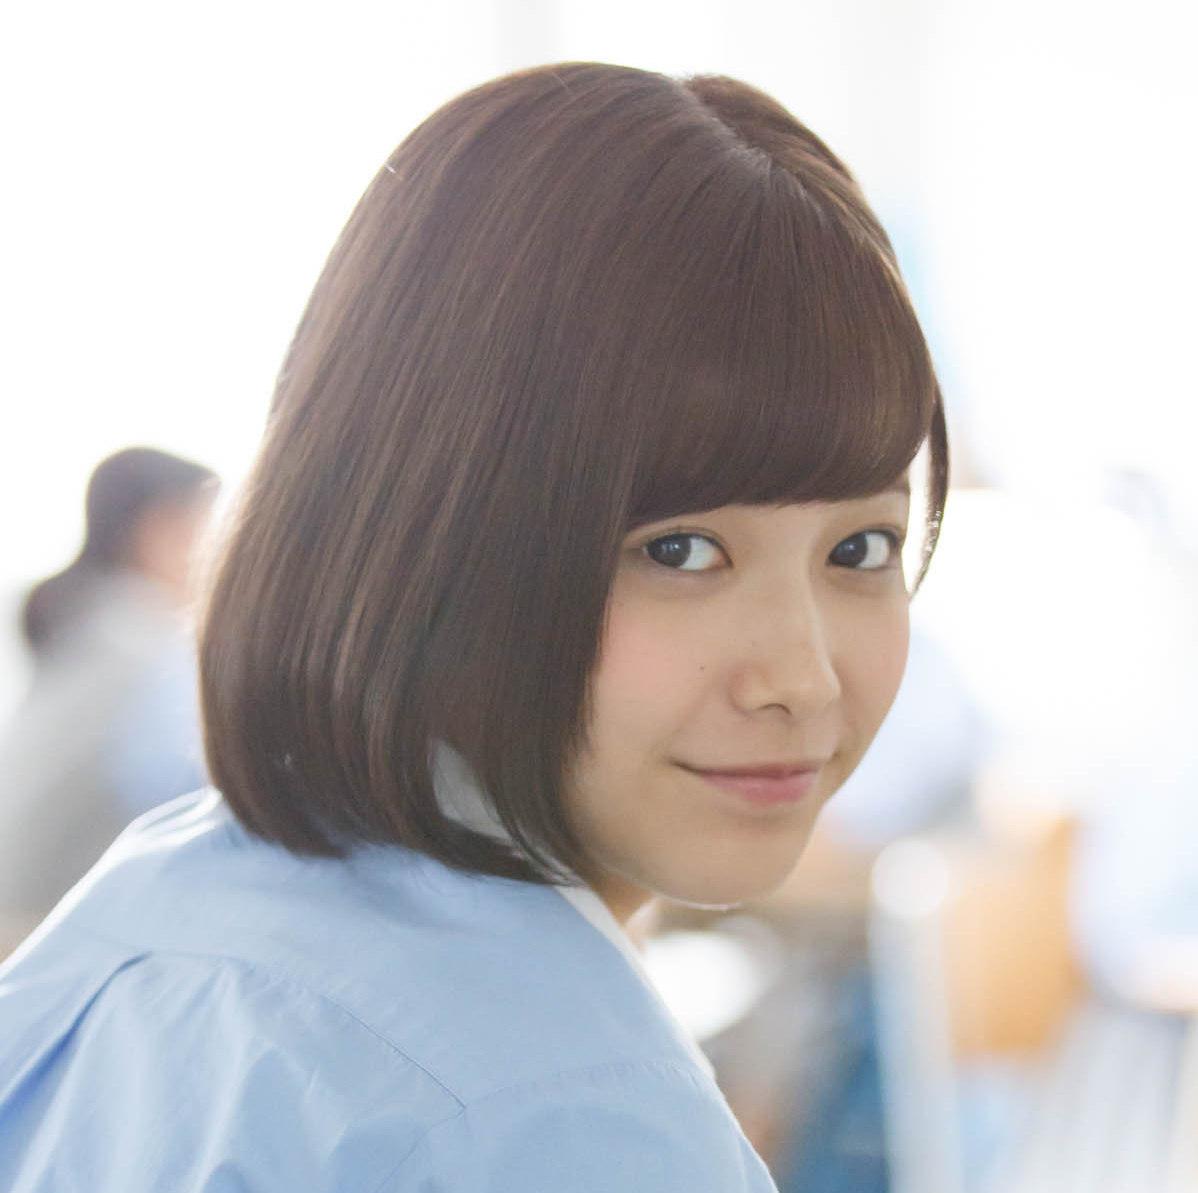 欅坂46・渡邉理佐さん「ファンの方に素の姿が<br />浸透していないのでもっと出していきたいです」